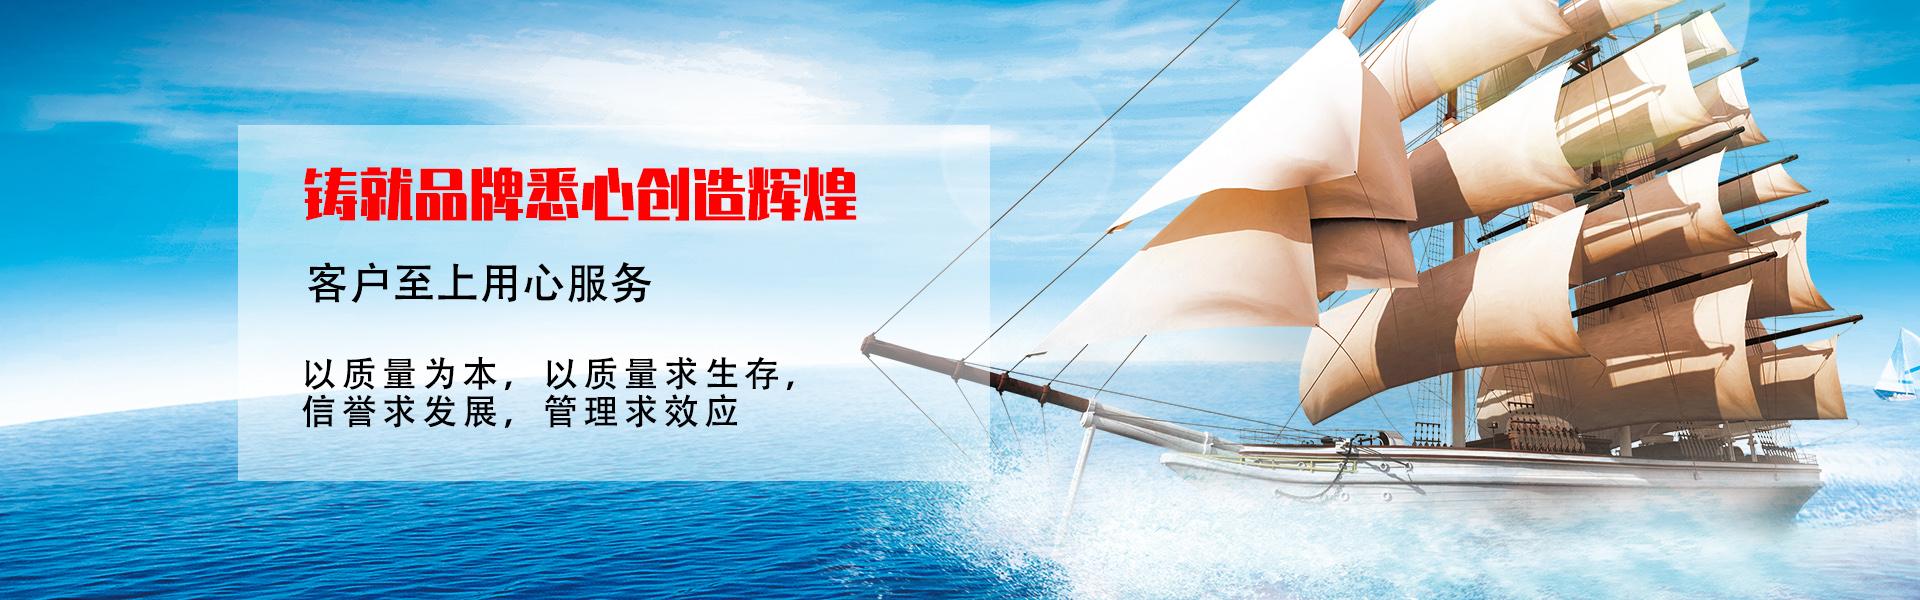 产品banner